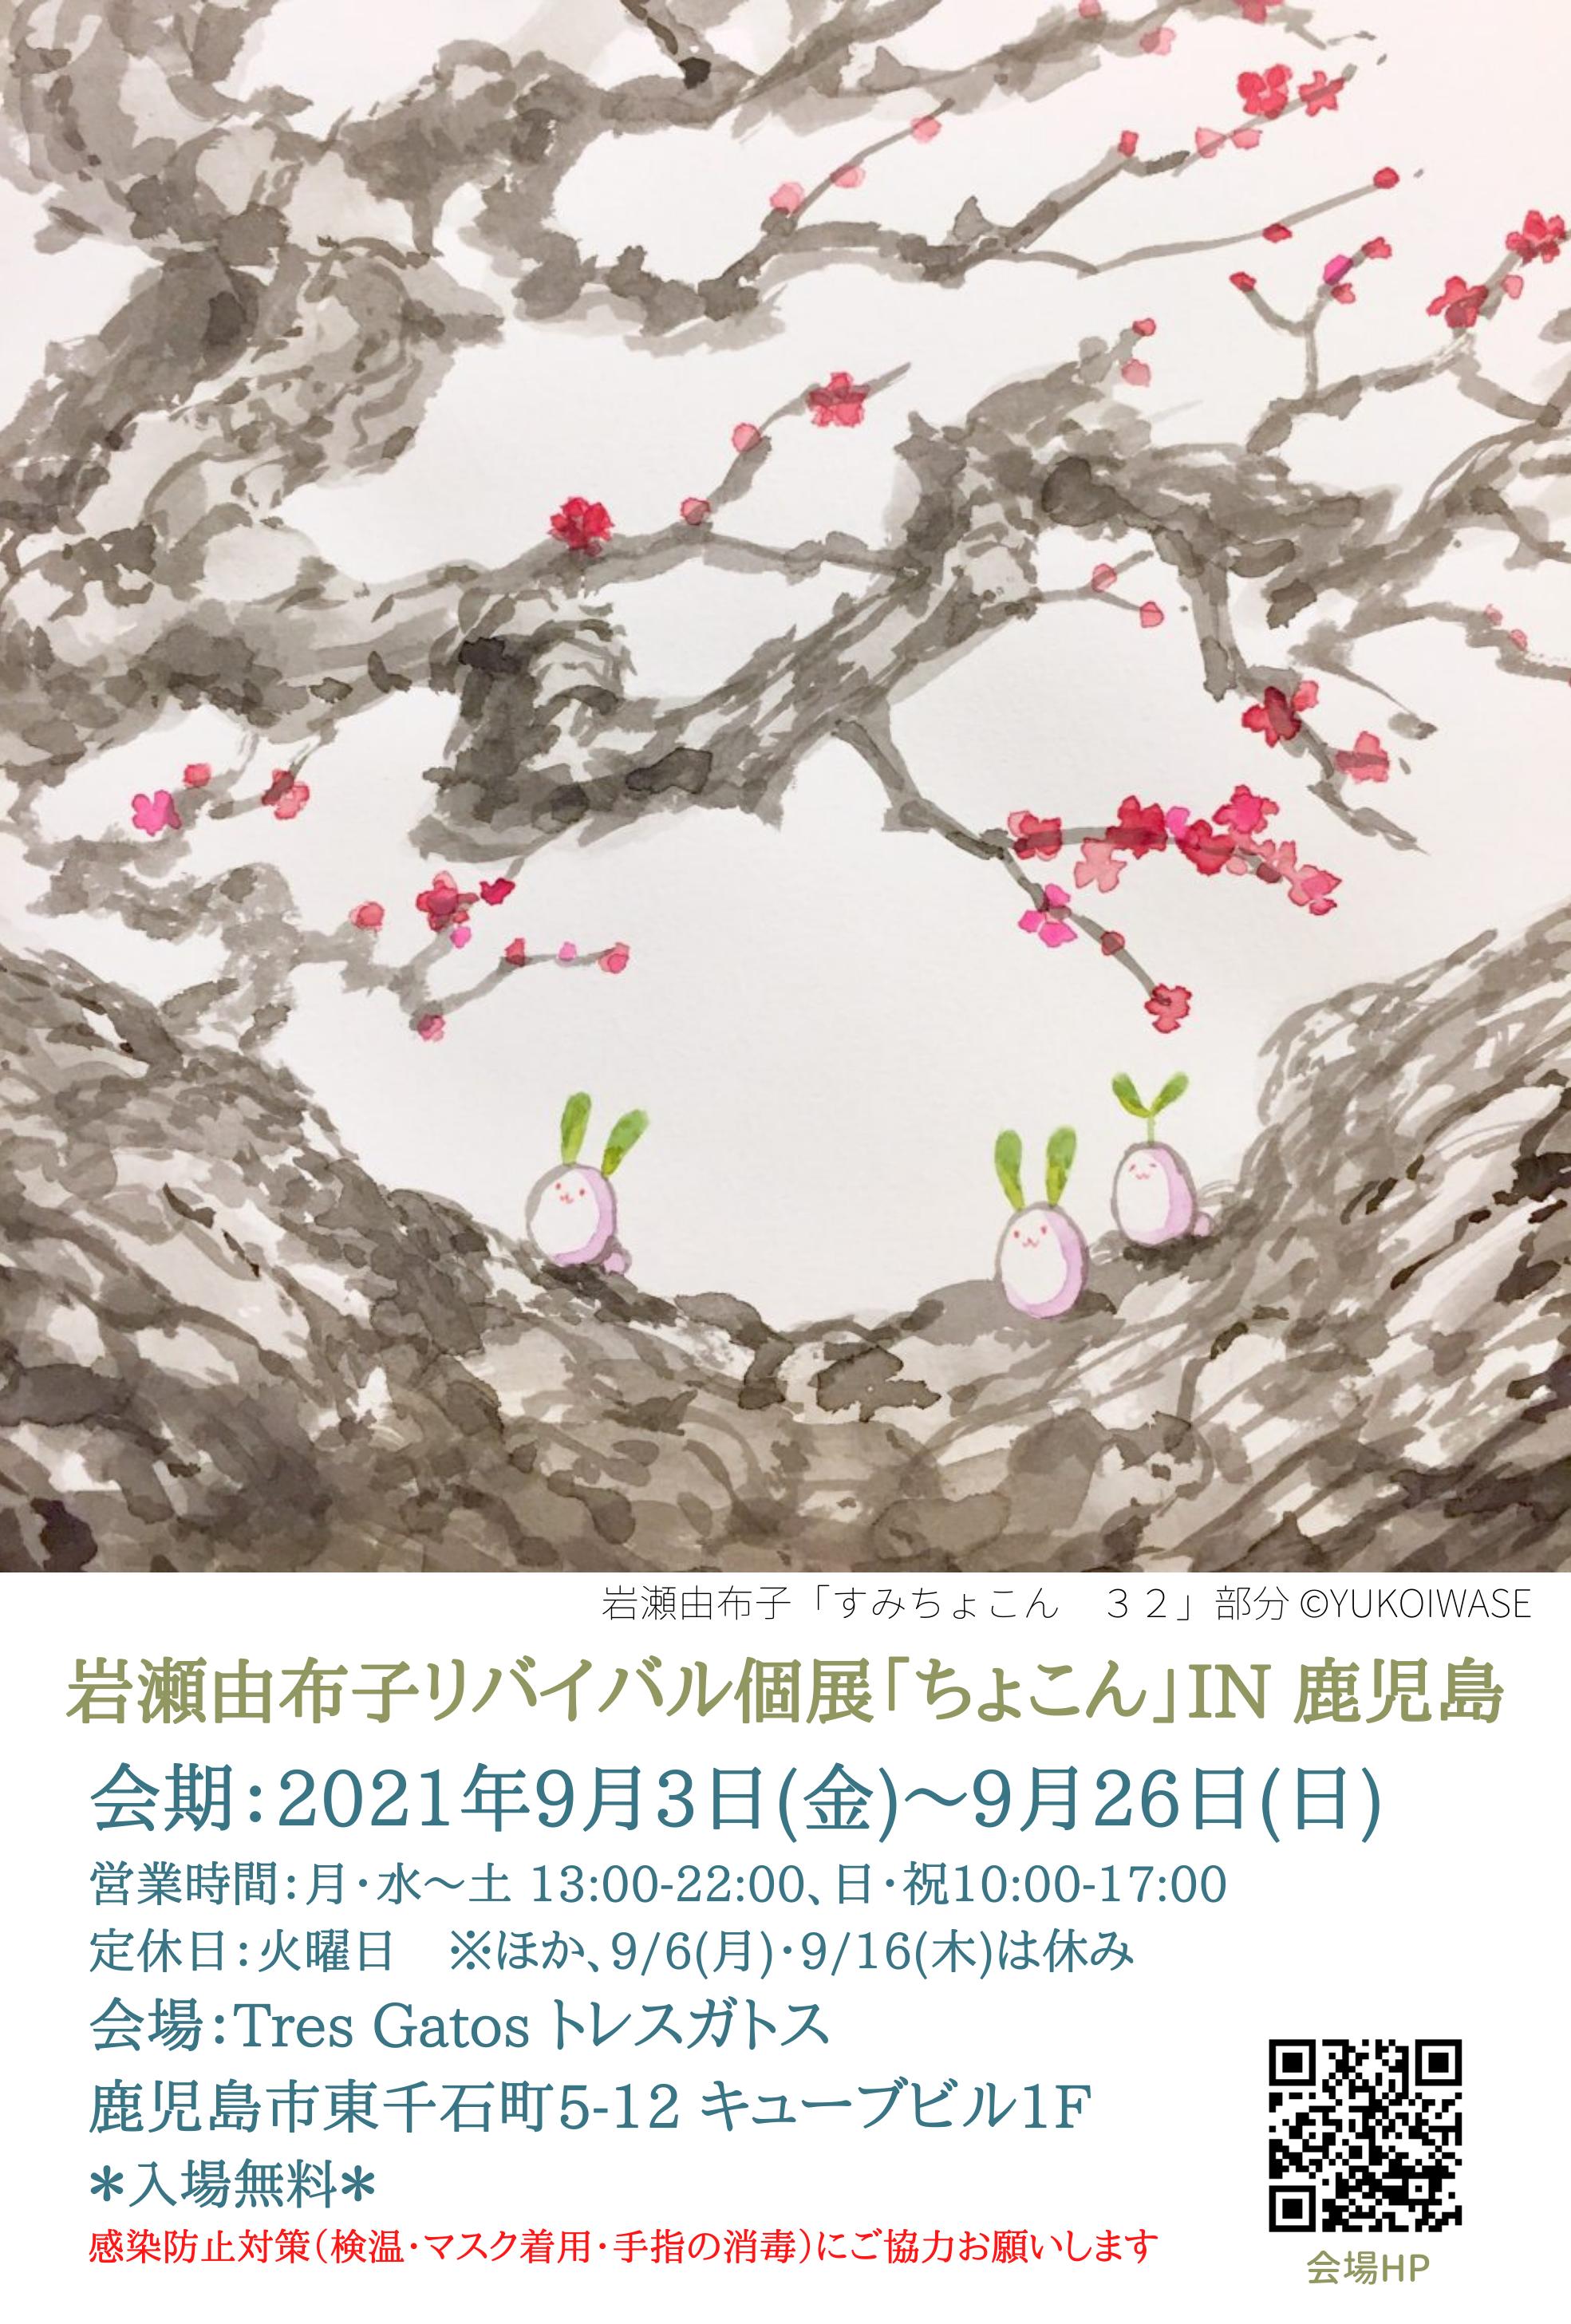 岩瀬由布子リバイバル個展「ちょこん」IN 鹿児島